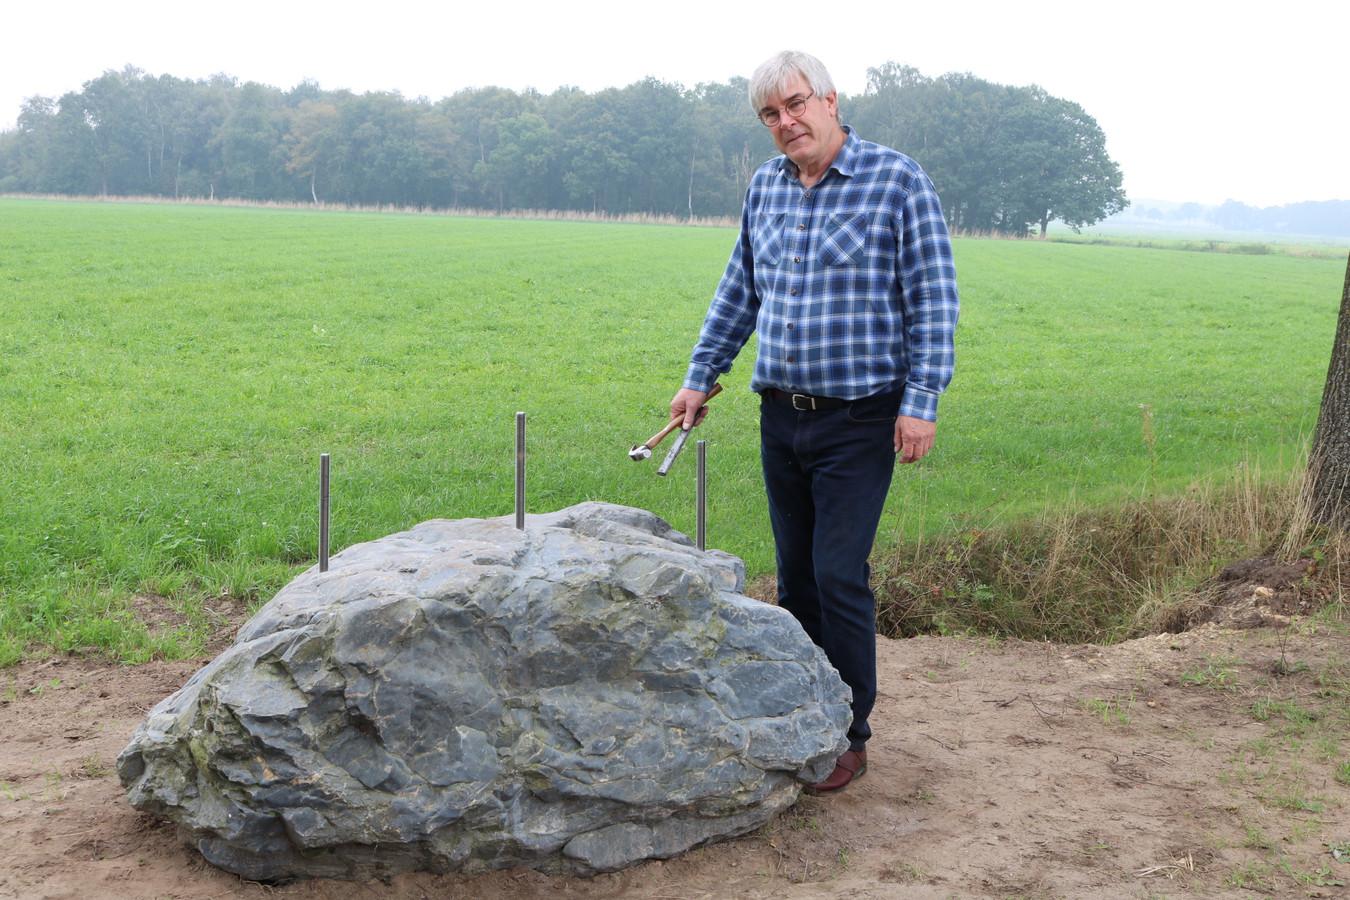 Bart Beex en het monument in wording bij het Meerven in Vessem, dat eind deze maand in het bijzijn van Holmes onthuld zal worden.